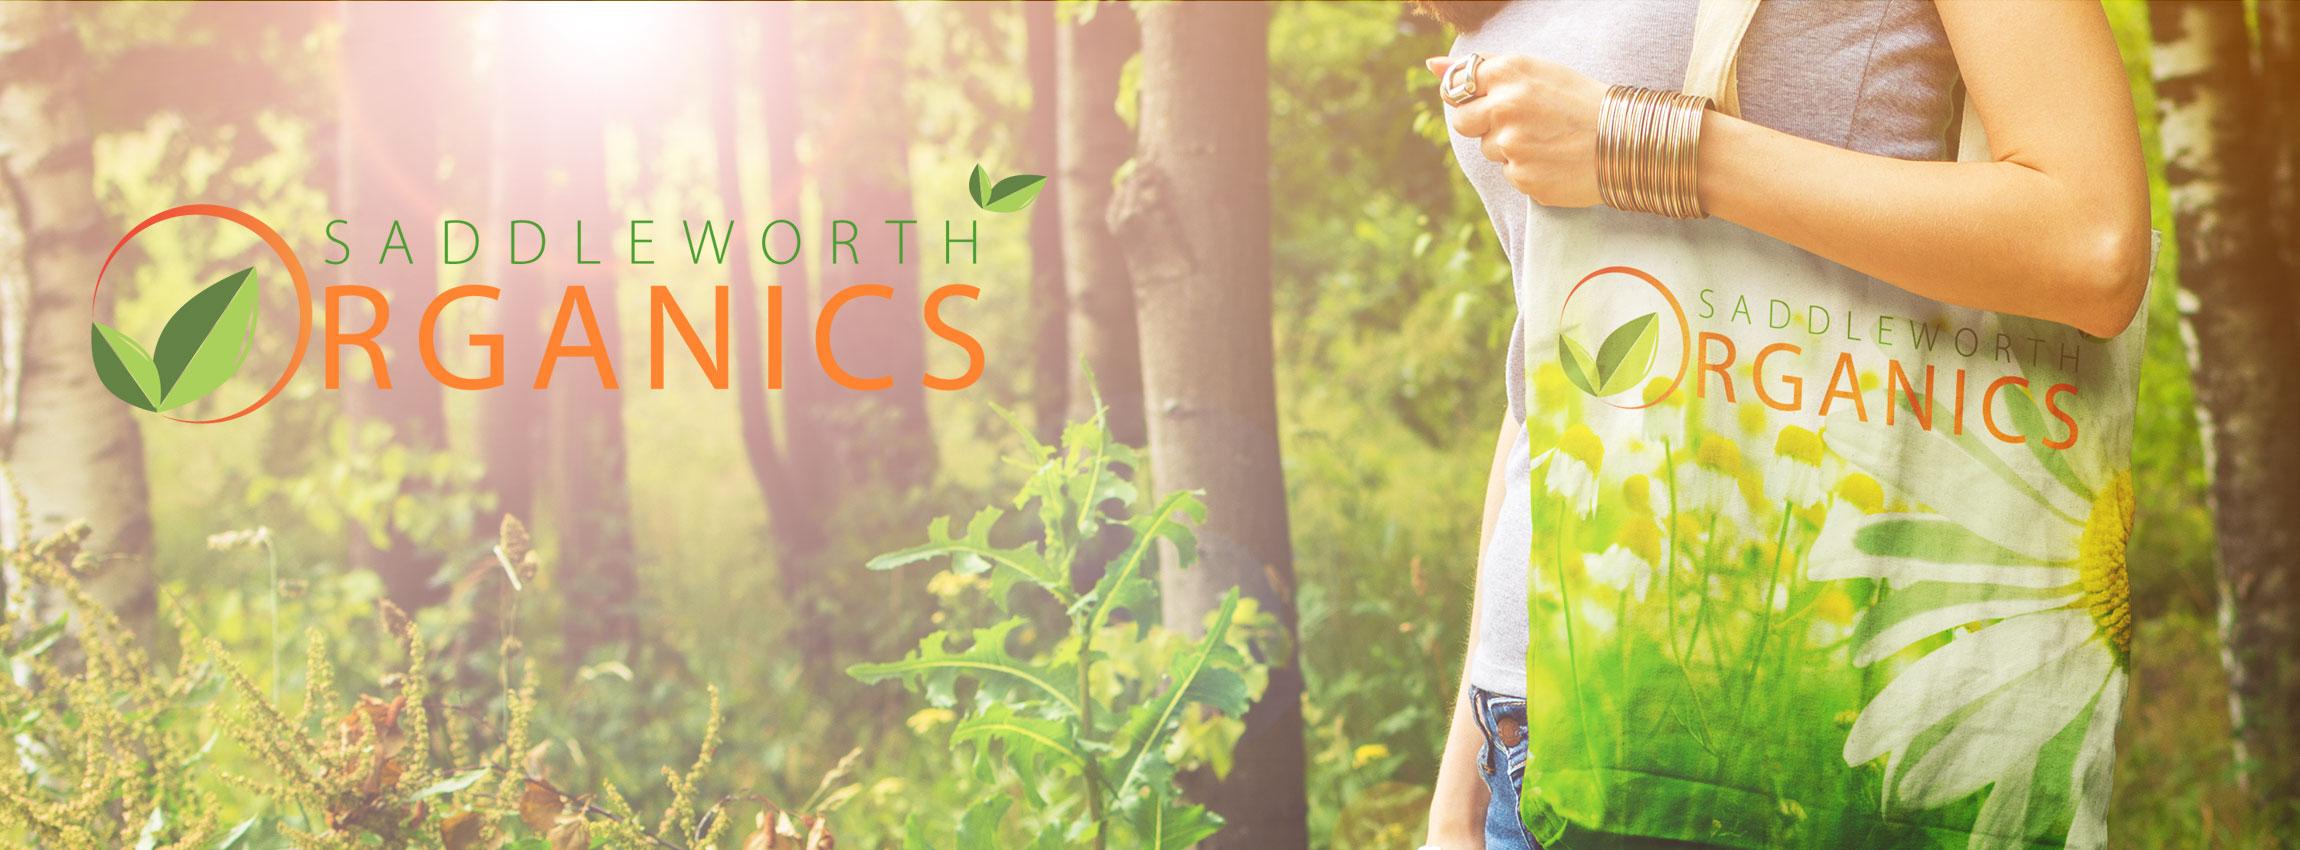 Saddleworth-Organics-header